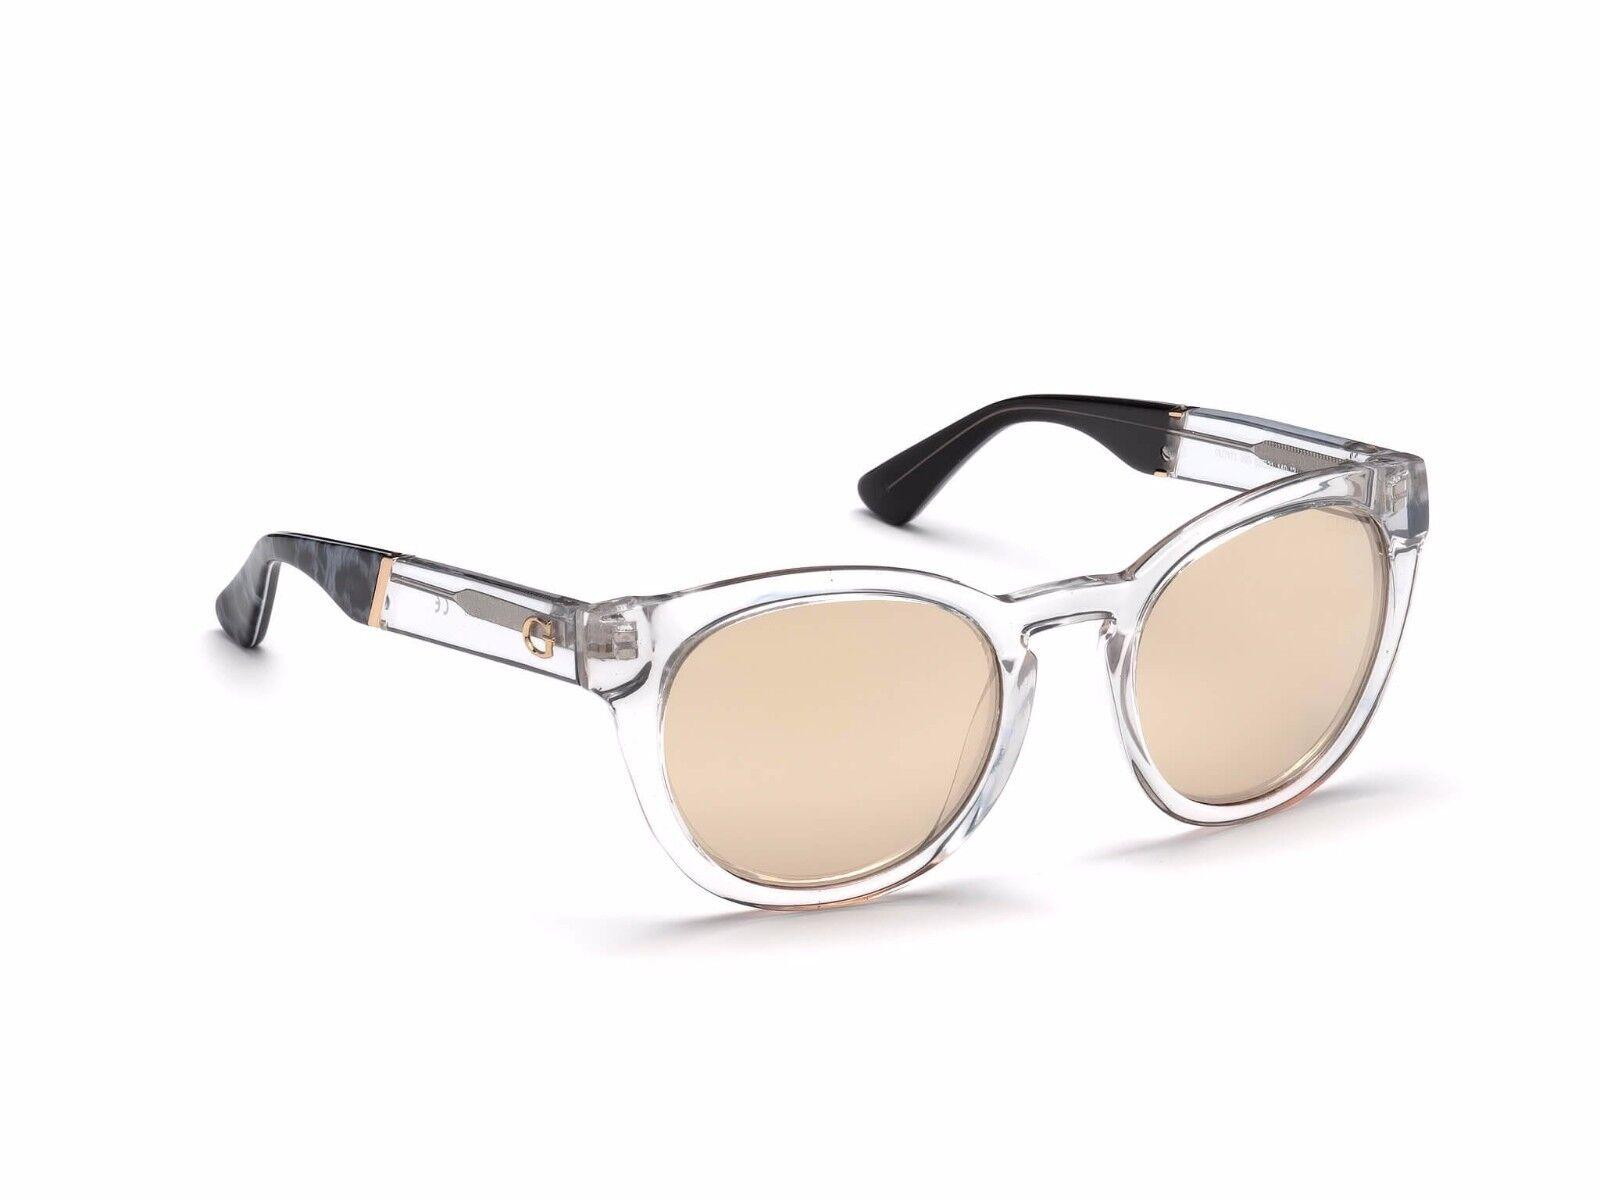 Brown Mirror 52 mm GU7473 NIB NWT GUESS Sunglasses GU 7473 26G Crystal